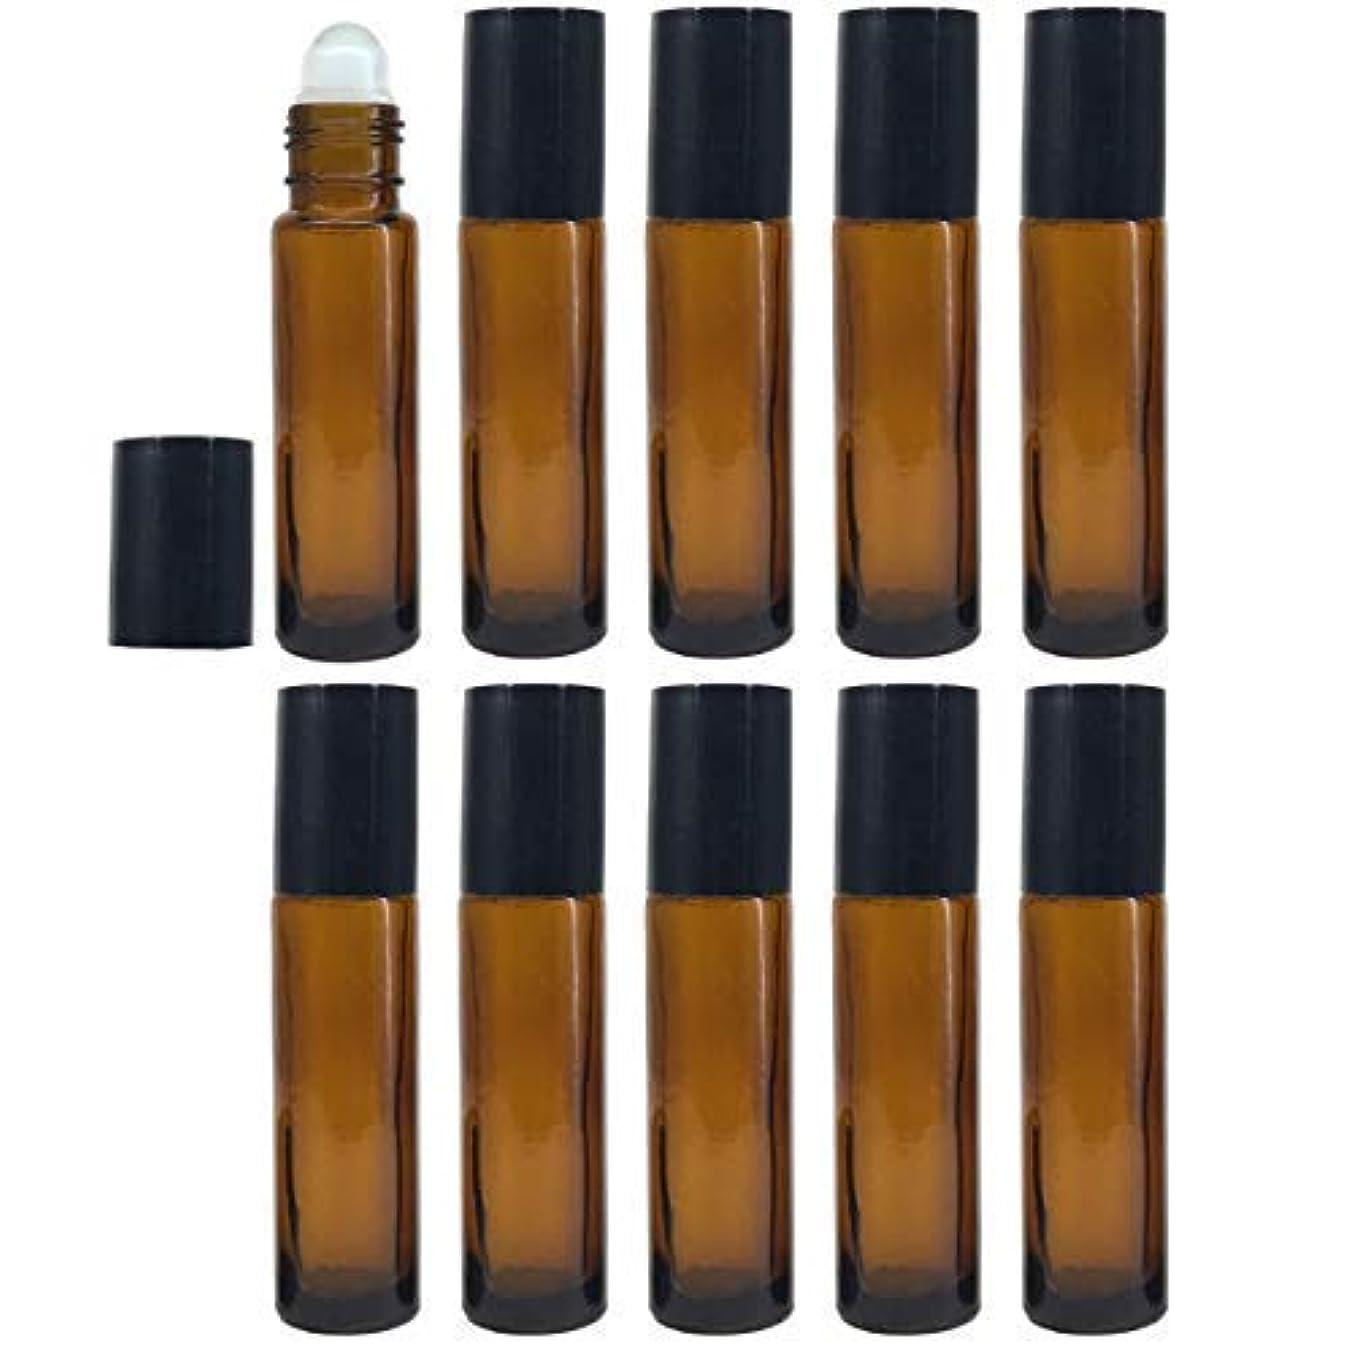 表向き外部相続人ロールオンボトル 10ml 10本セット アロマオイル 遮光瓶 ガラスロールタイプ 手作り香水 (ブラウン/10ml?10本)